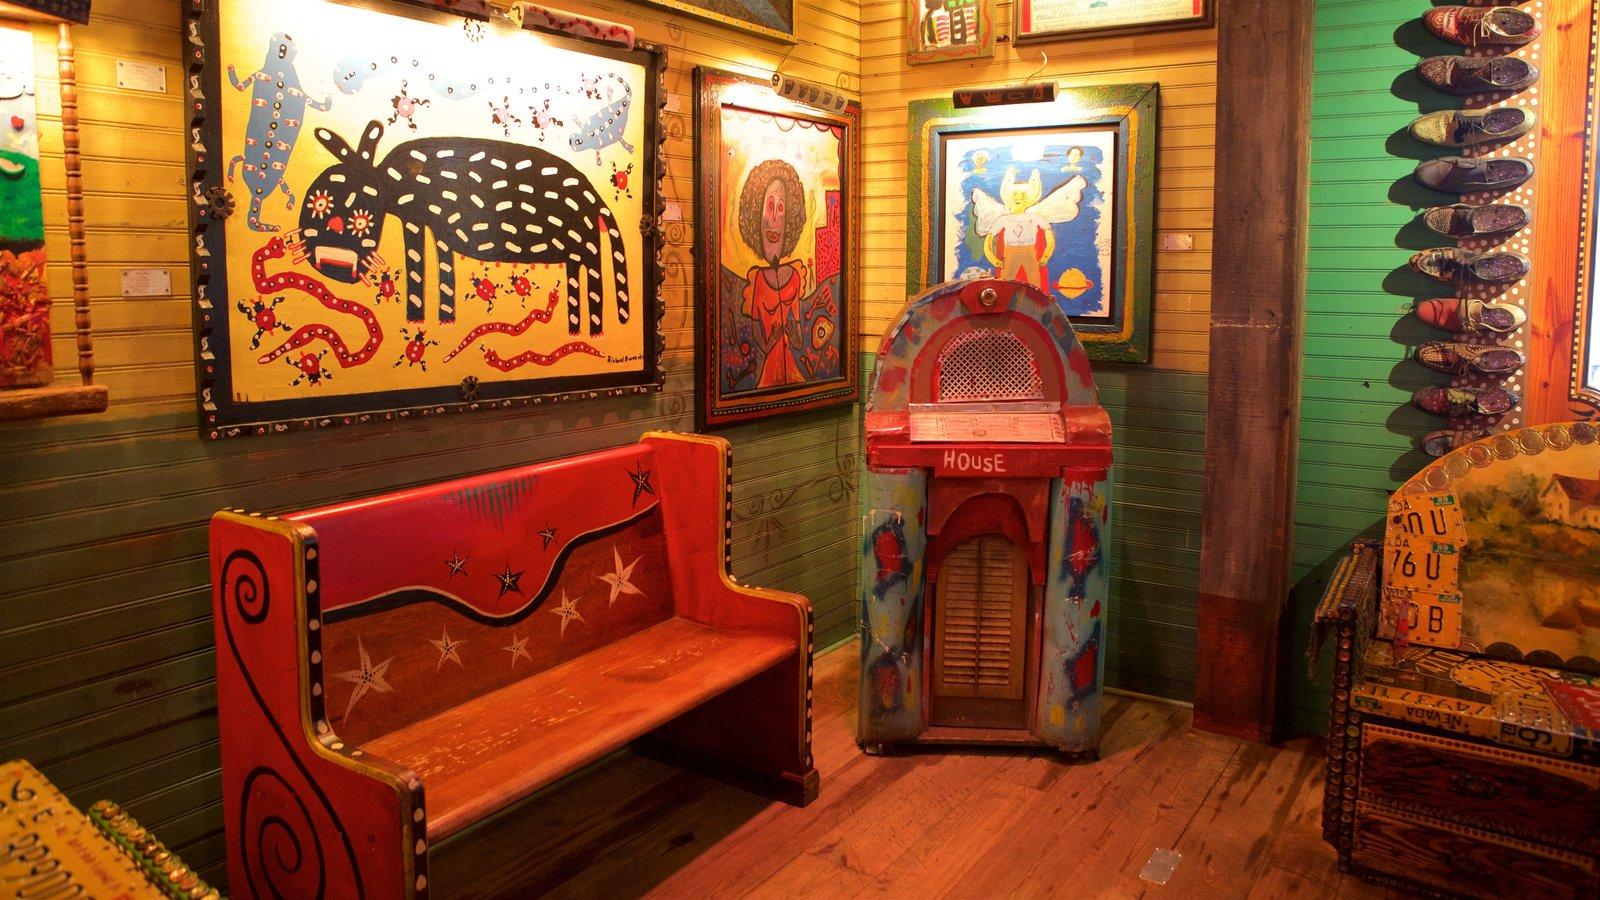 House of Blues Myrtle Beach que inclui vistas internas e elementos de patrimônio